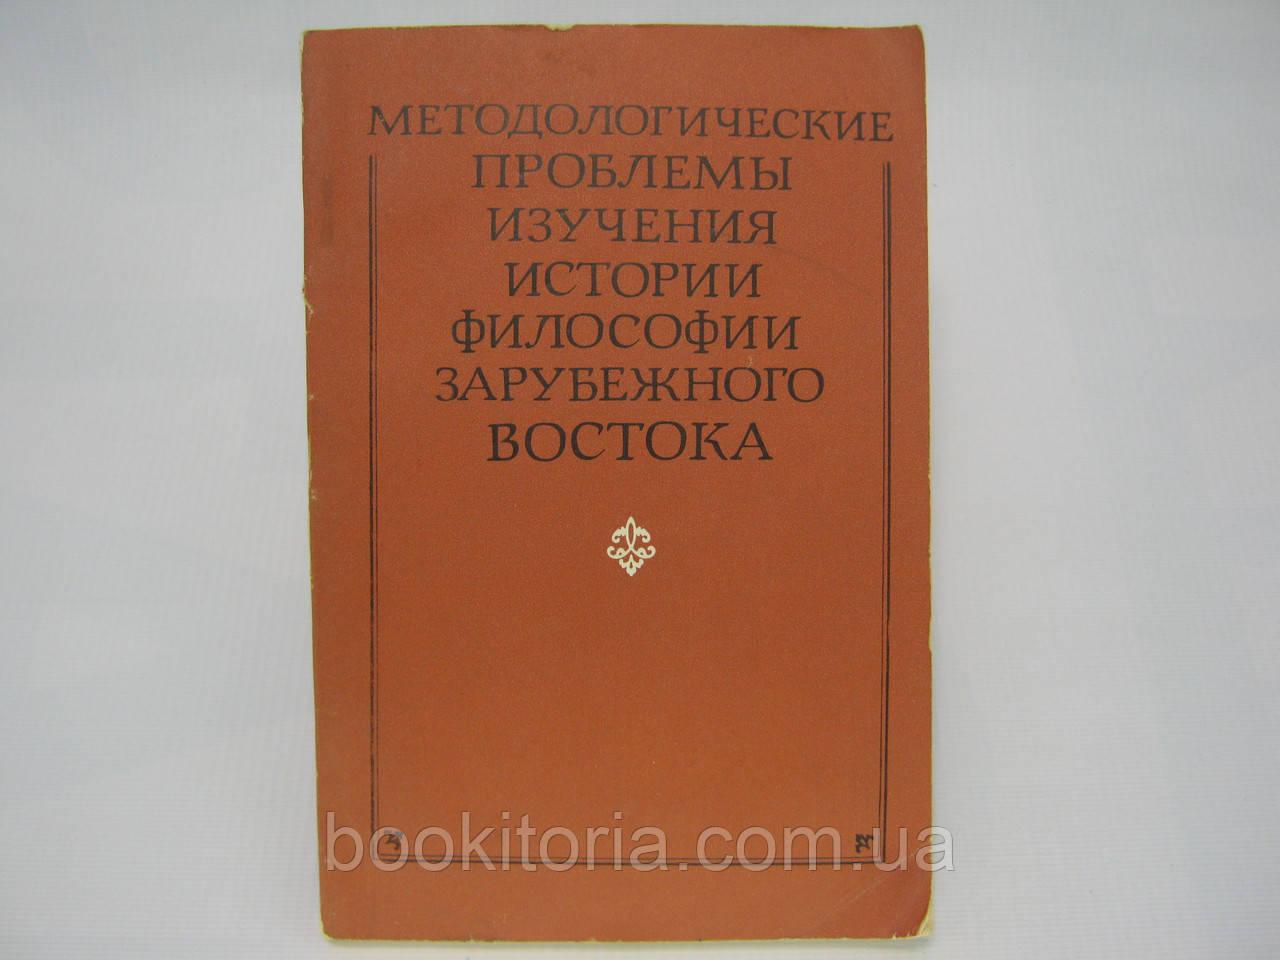 Методологические проблемы изучения истории философии зарубежного востока (б/у).